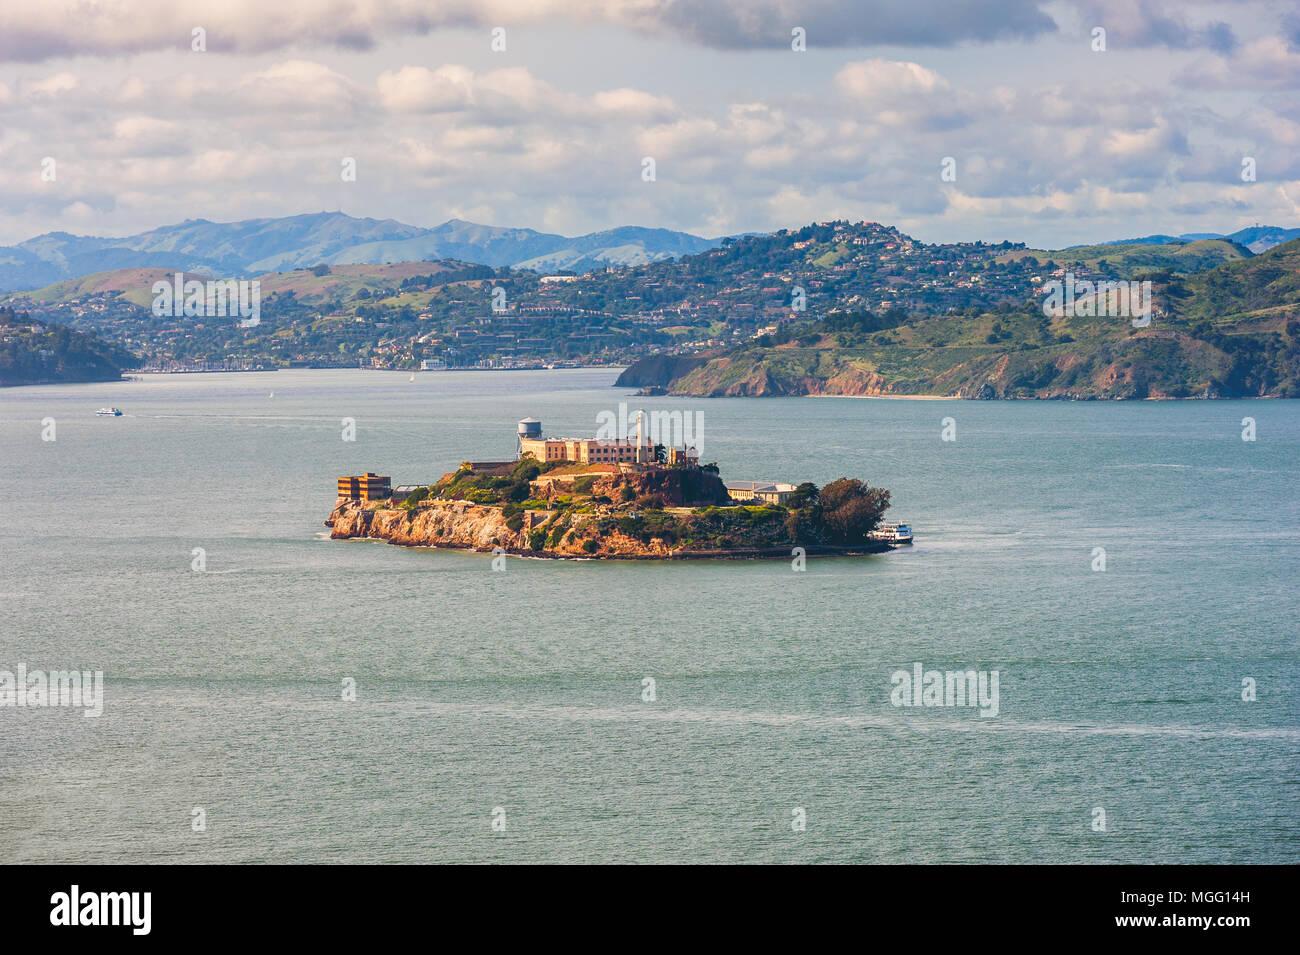 Die Insel Alcatraz in der Bucht von San Francisco, 1,25 Meilen vor der Küste von San Francisco, Kalifornien, USA Stockbild